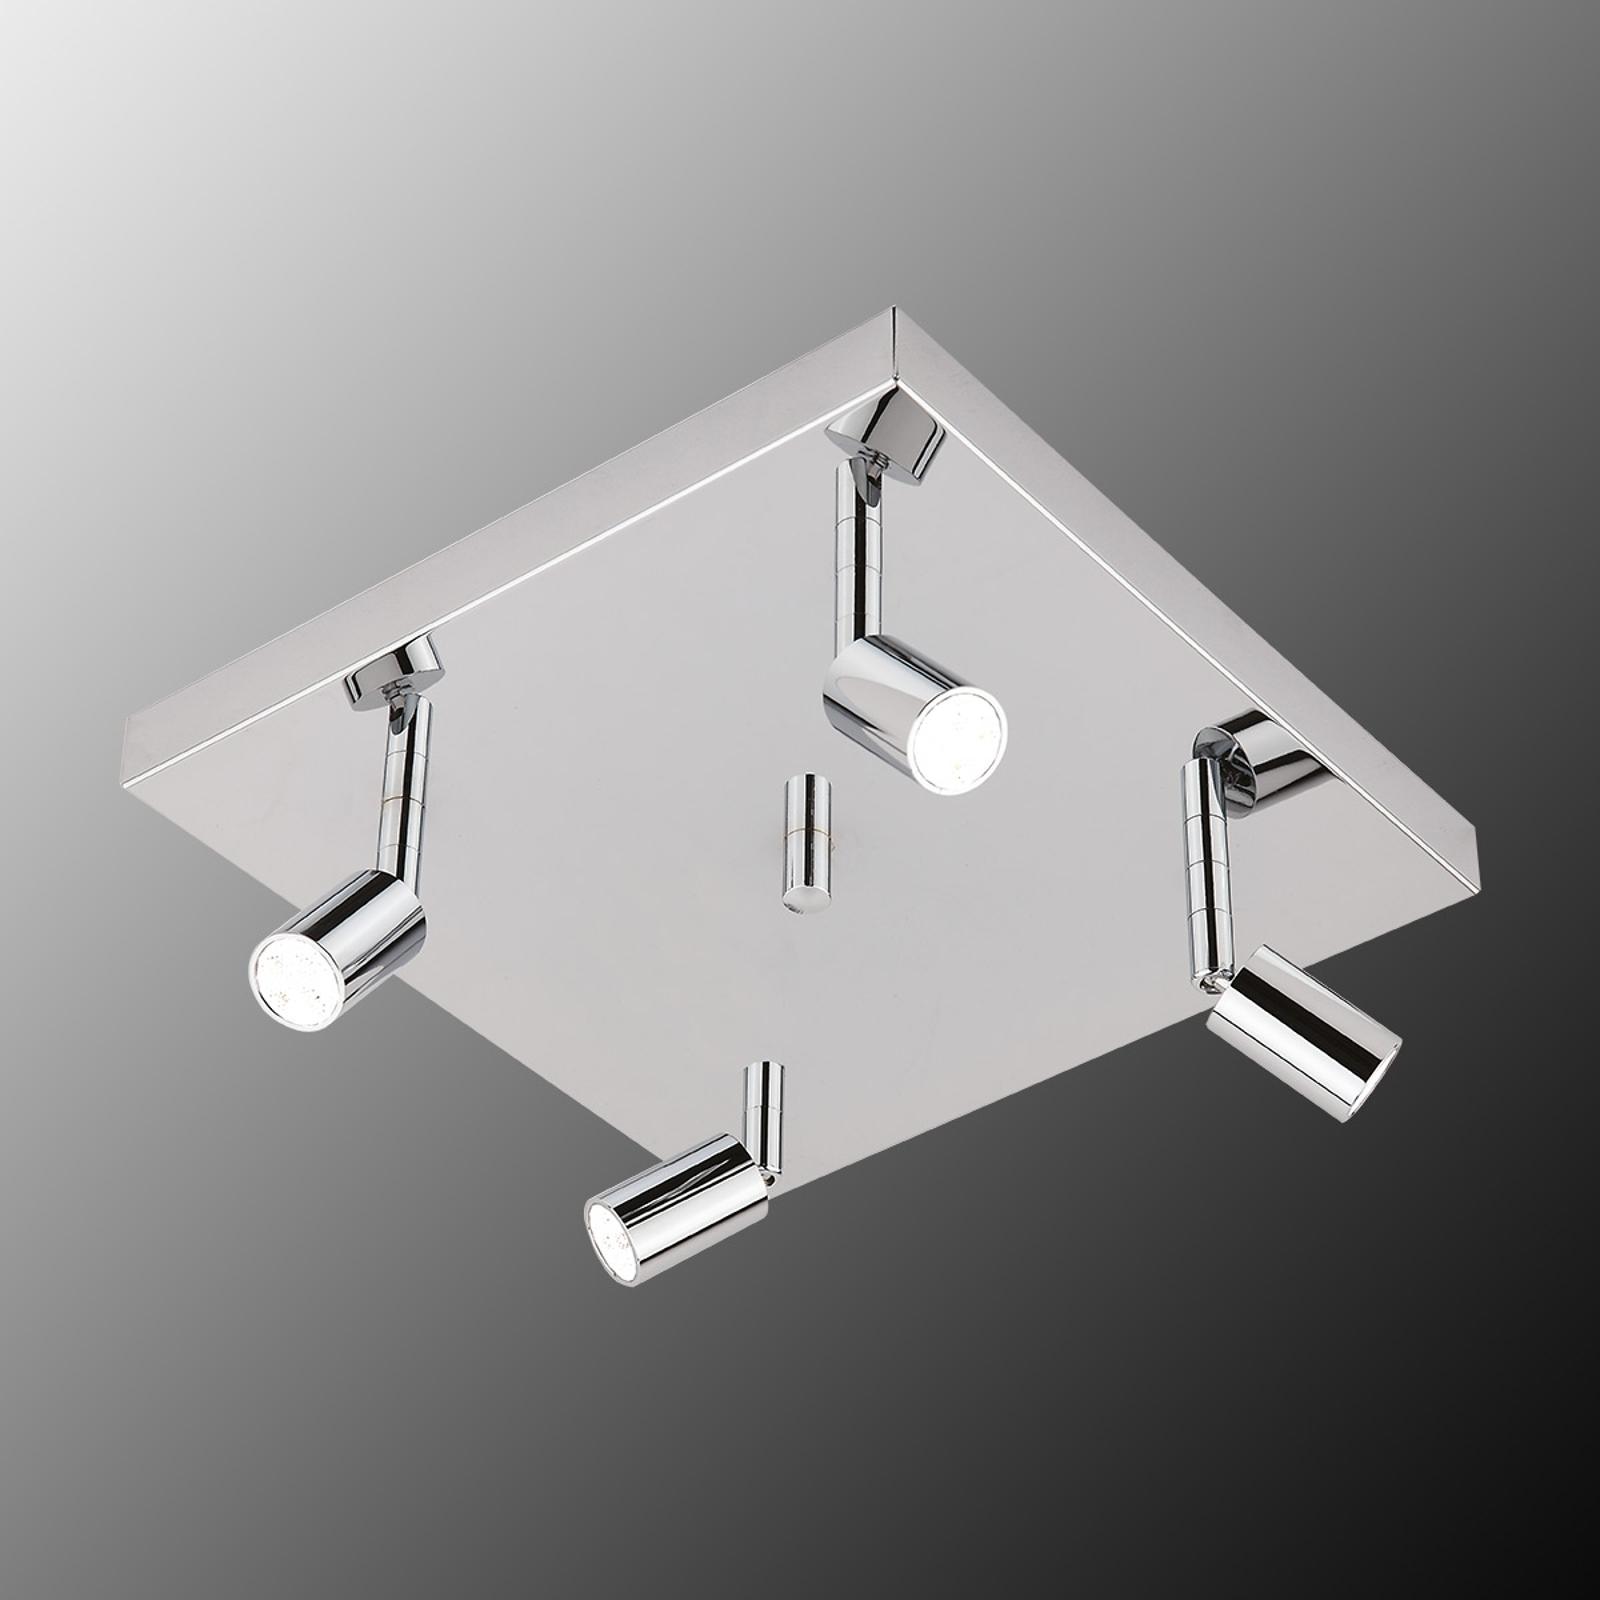 Square LED ceiling light Karen four-bulb_1524098_1